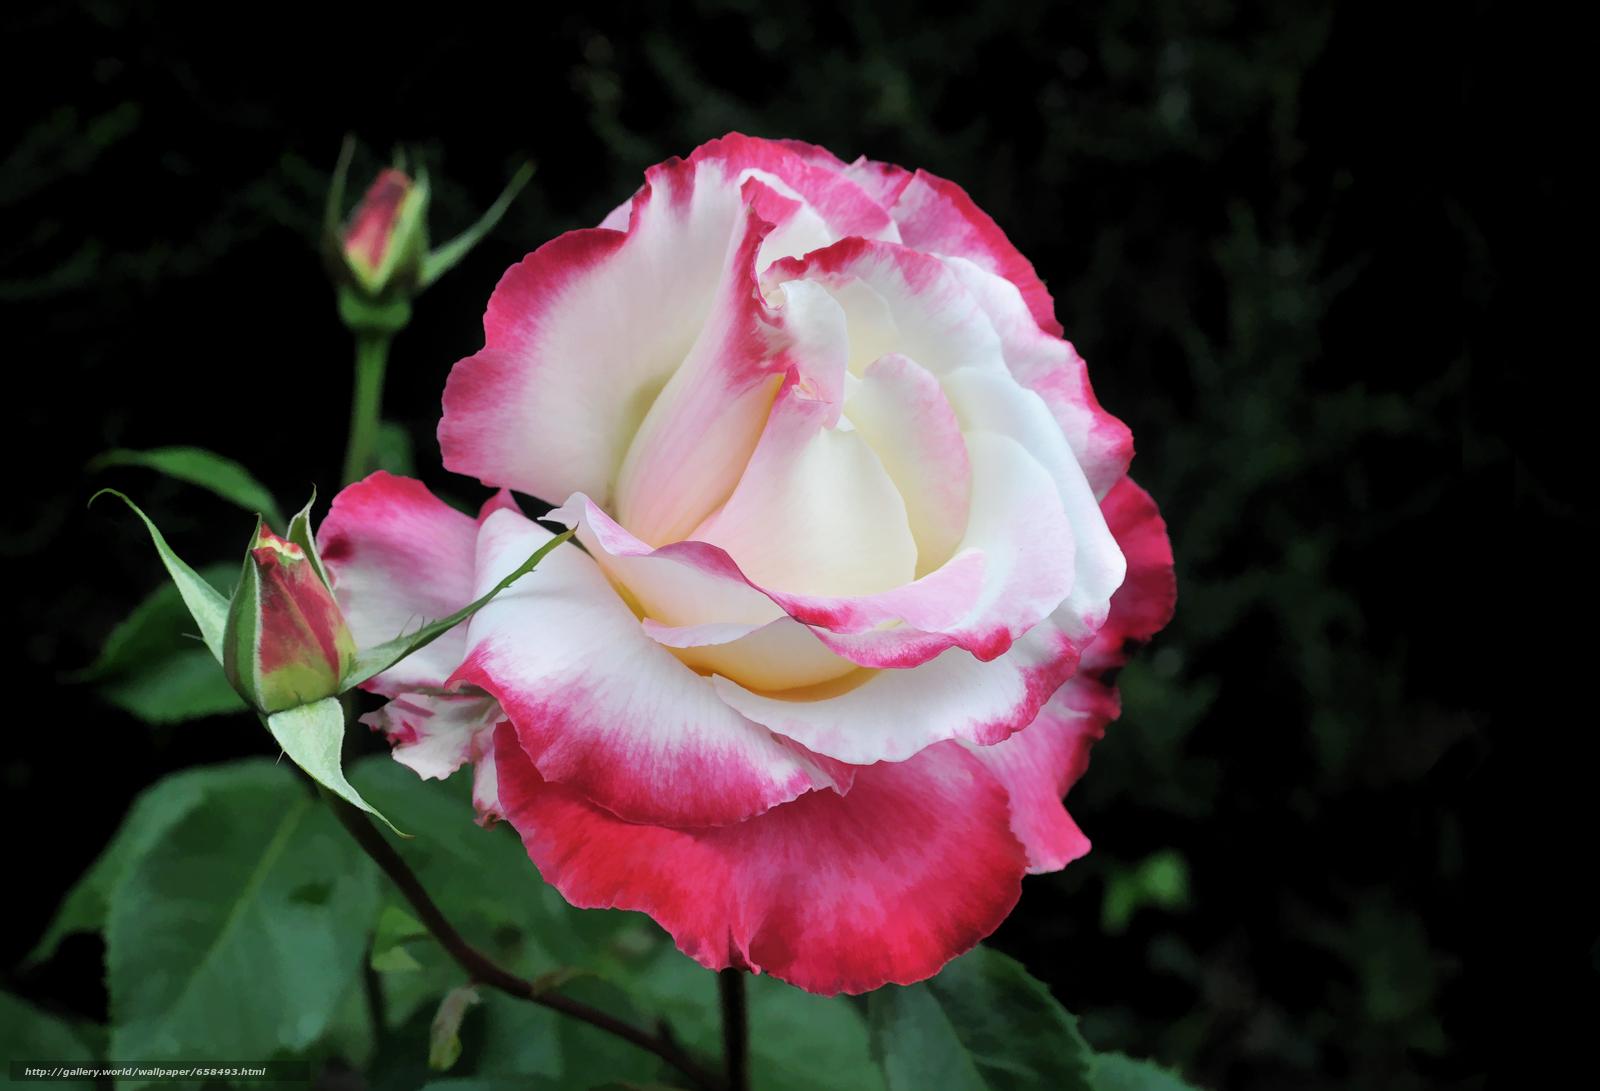 下载壁纸 花,  花卉,  植物群,  玫瑰 免费为您的桌面分辨率的壁纸 3932x2680 — 图片 №658493